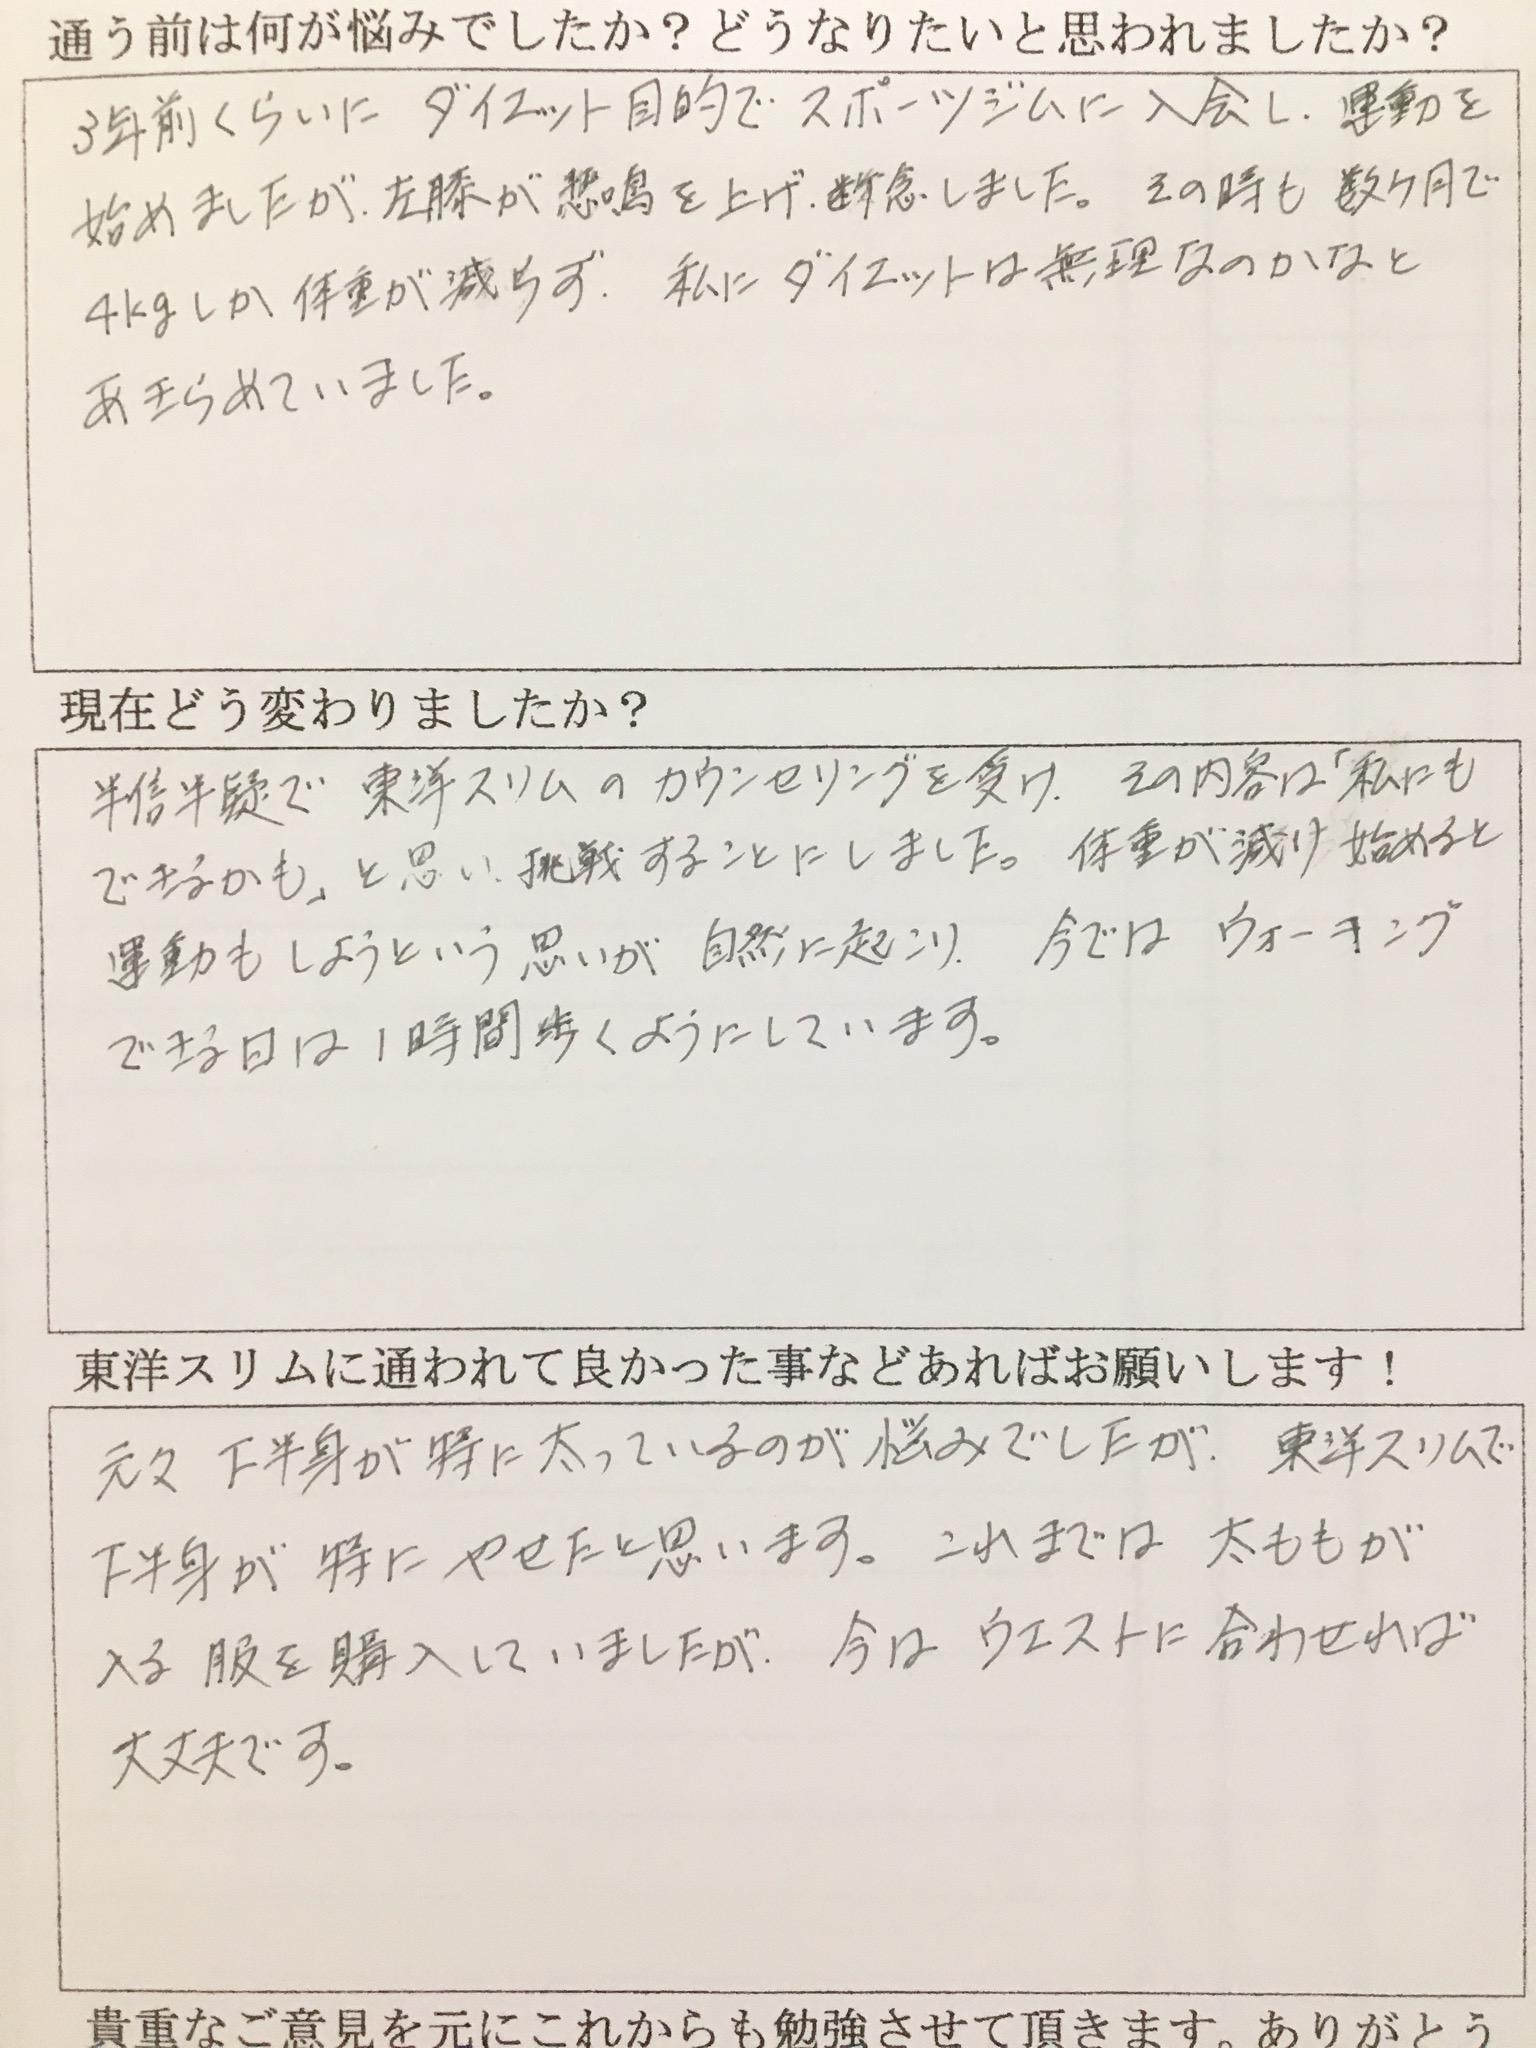 [皆様の声]大阪市生野区Mさん(40代)耳ツボダイエット12.4kg下半身痩せに成功